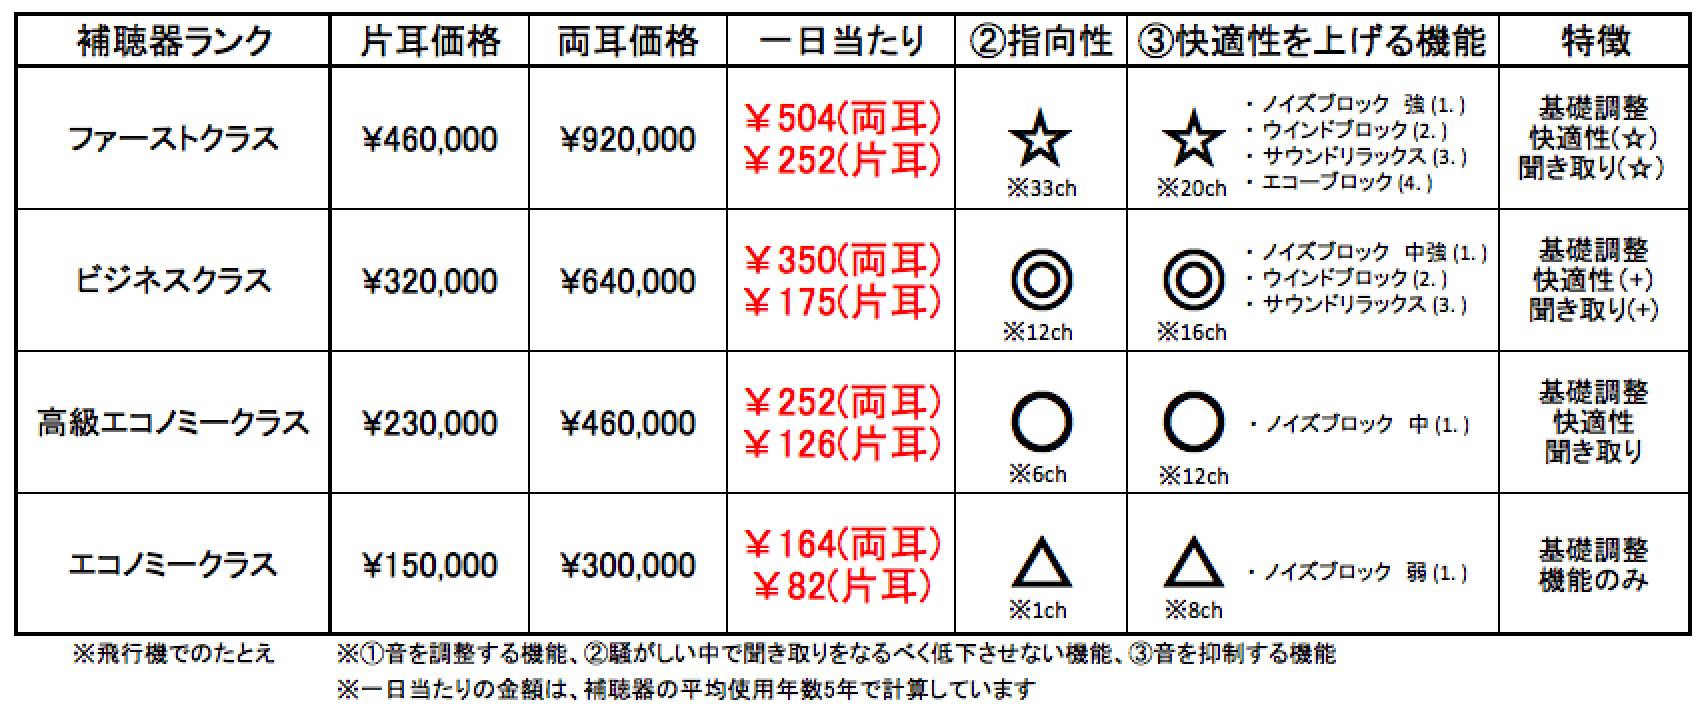 bte-price-2